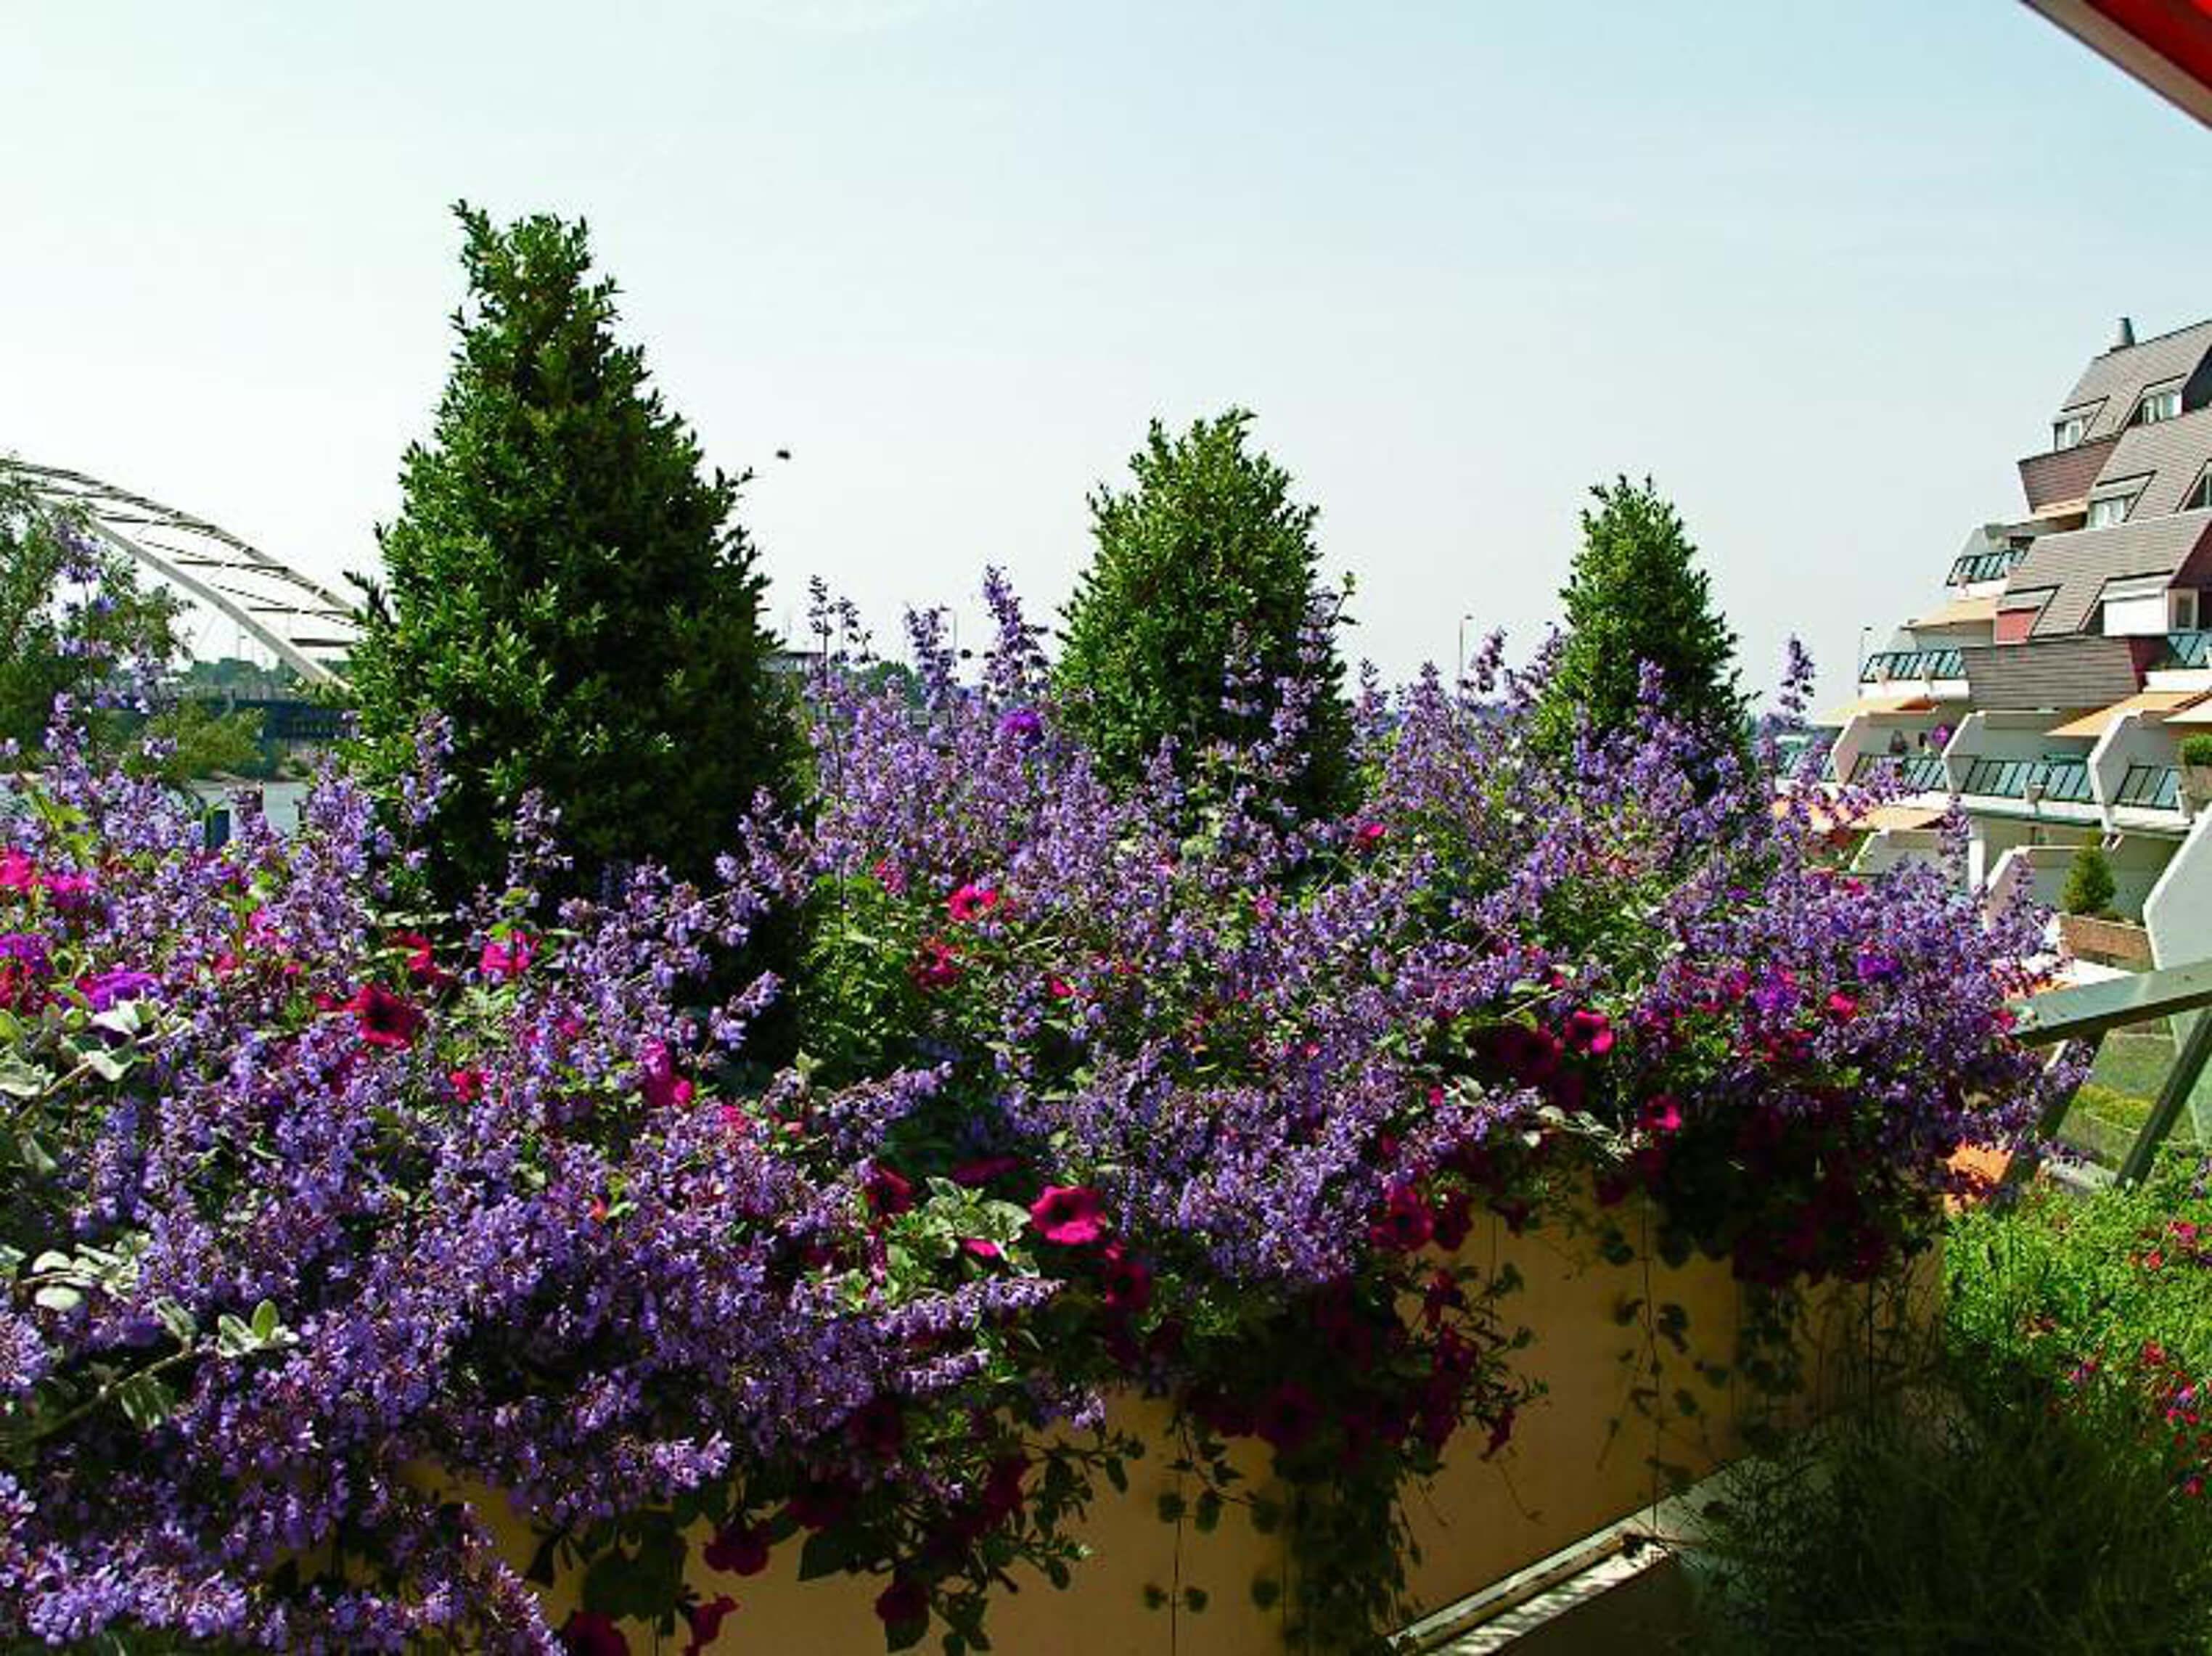 Balkons en dakterrassen exclusieve tuinen for Balkon bloembak